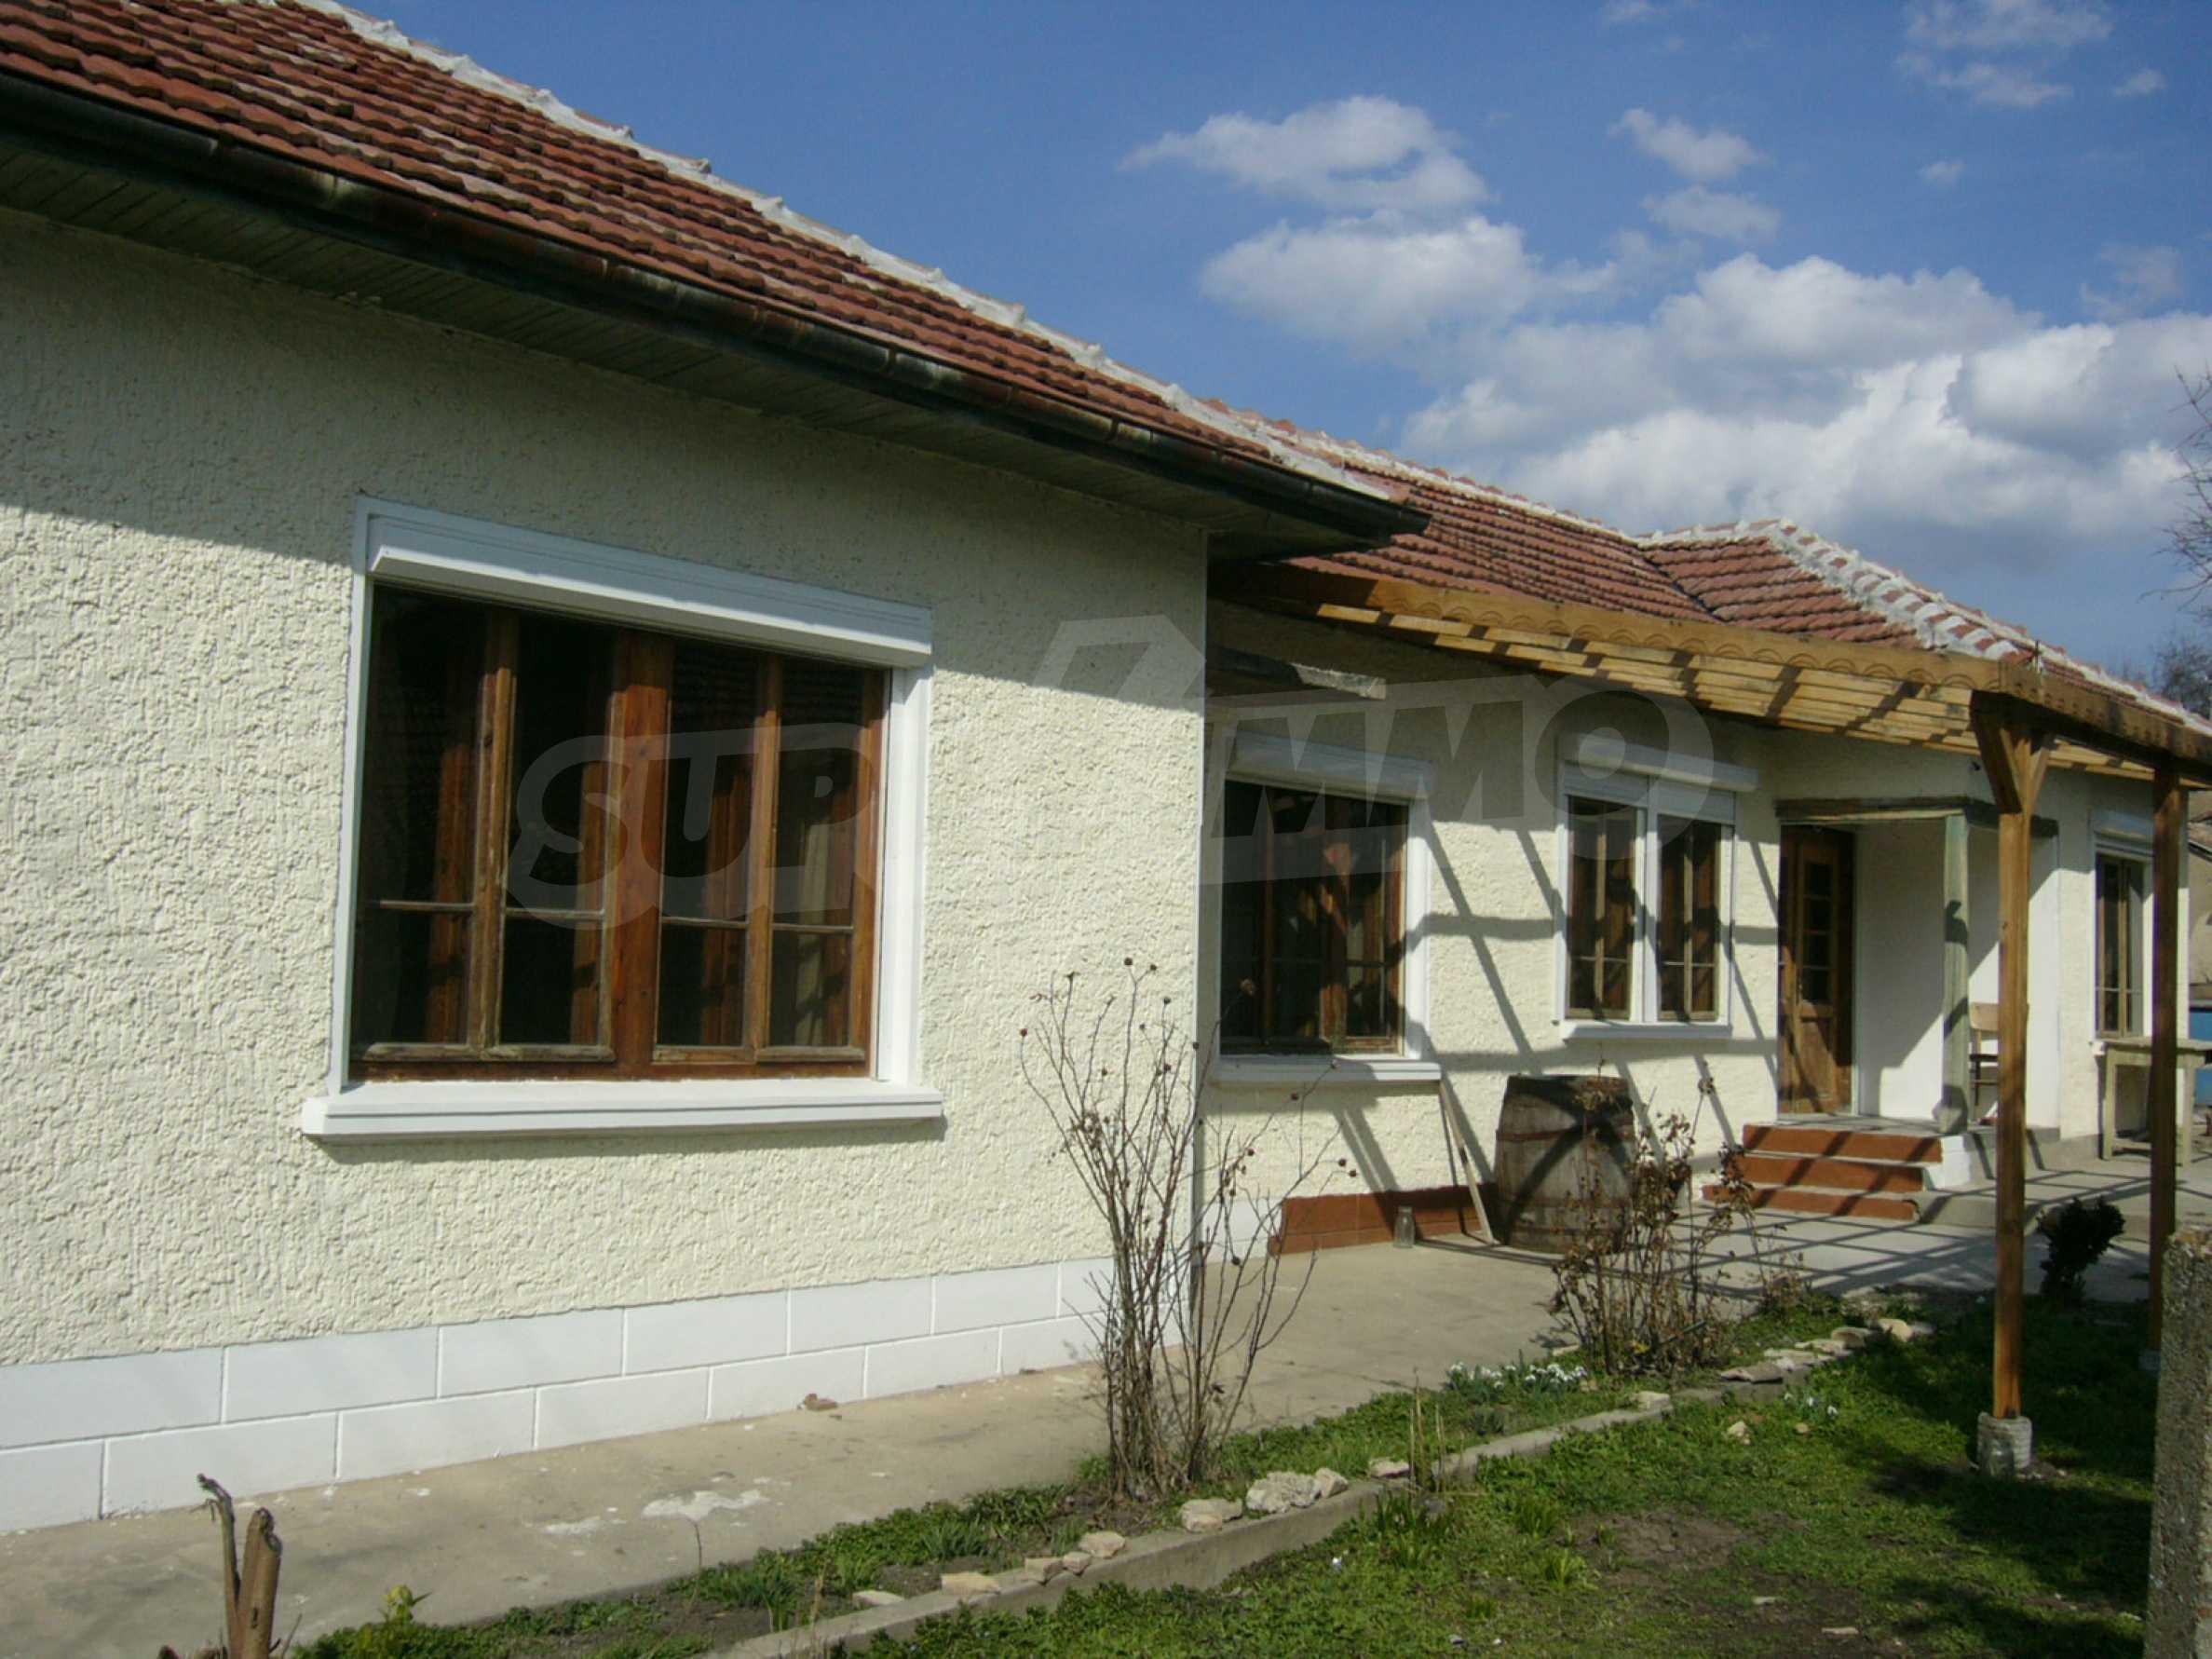 Едноетажна селска къща върху маза на 20 км от Велико Търново  30